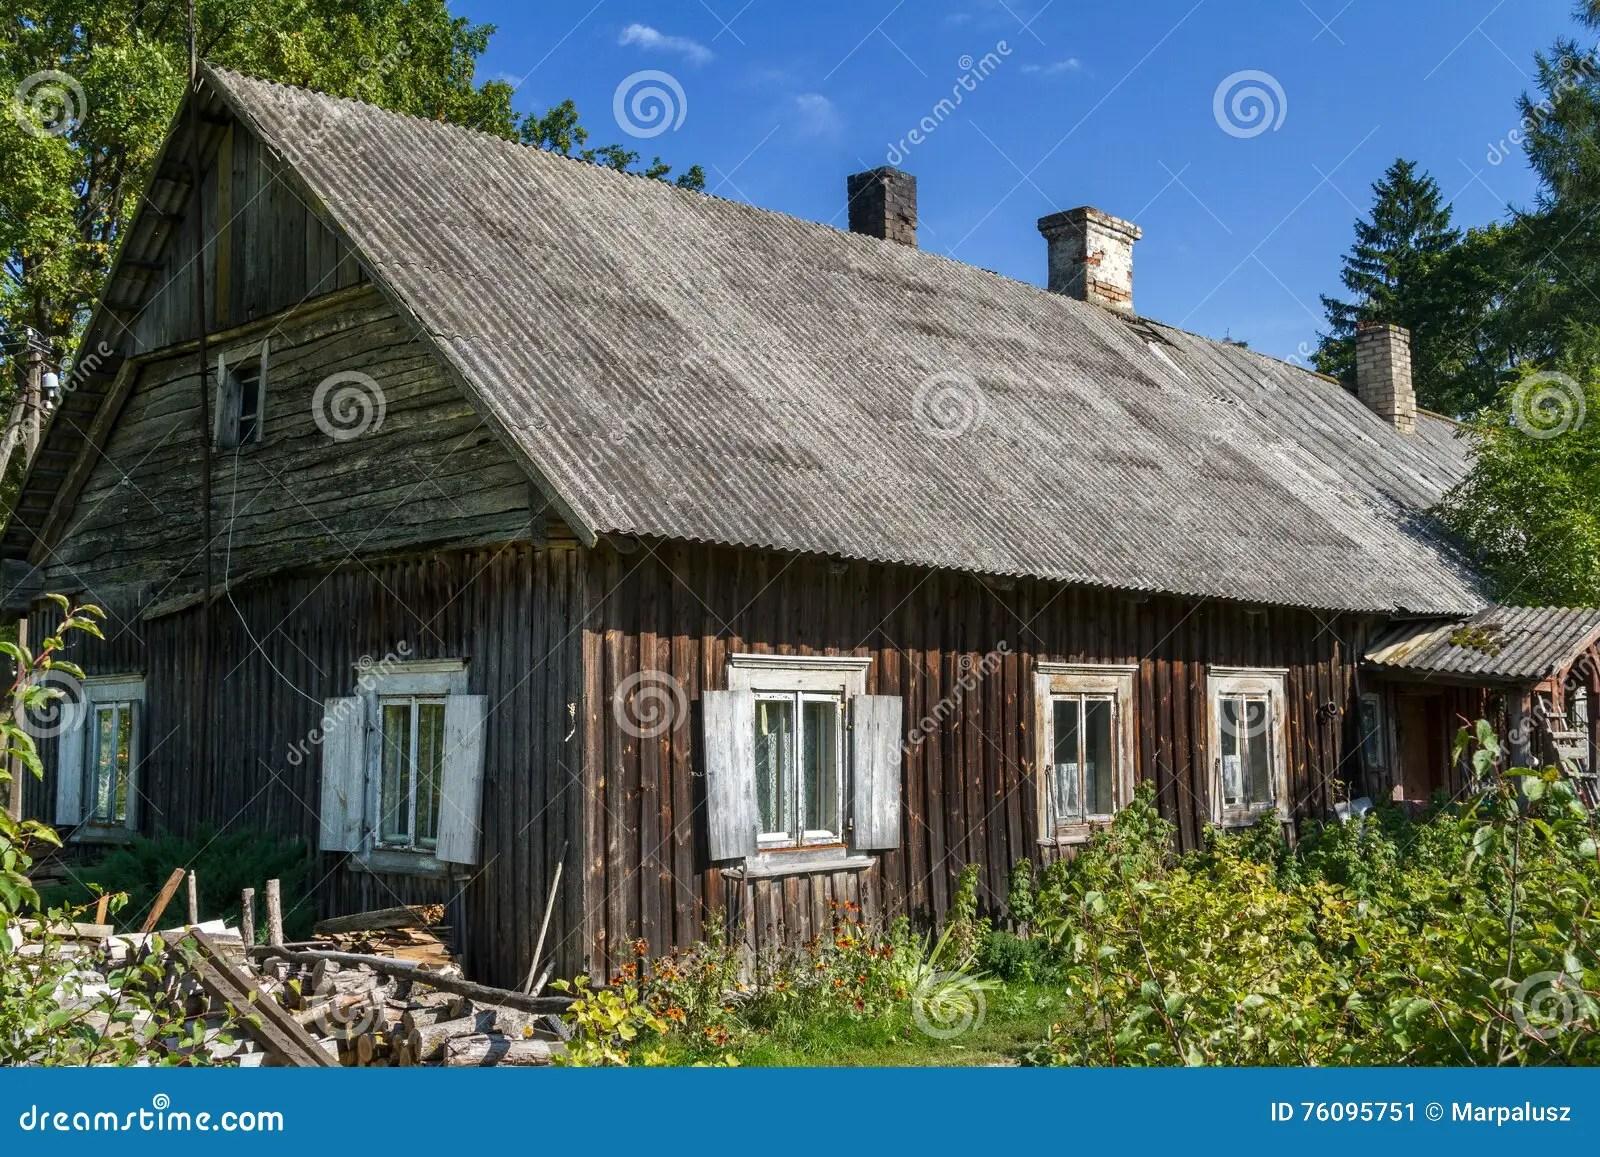 Altes Haus Dach Isolieren Dachbegrunung Mit Geholzen Und Baumen